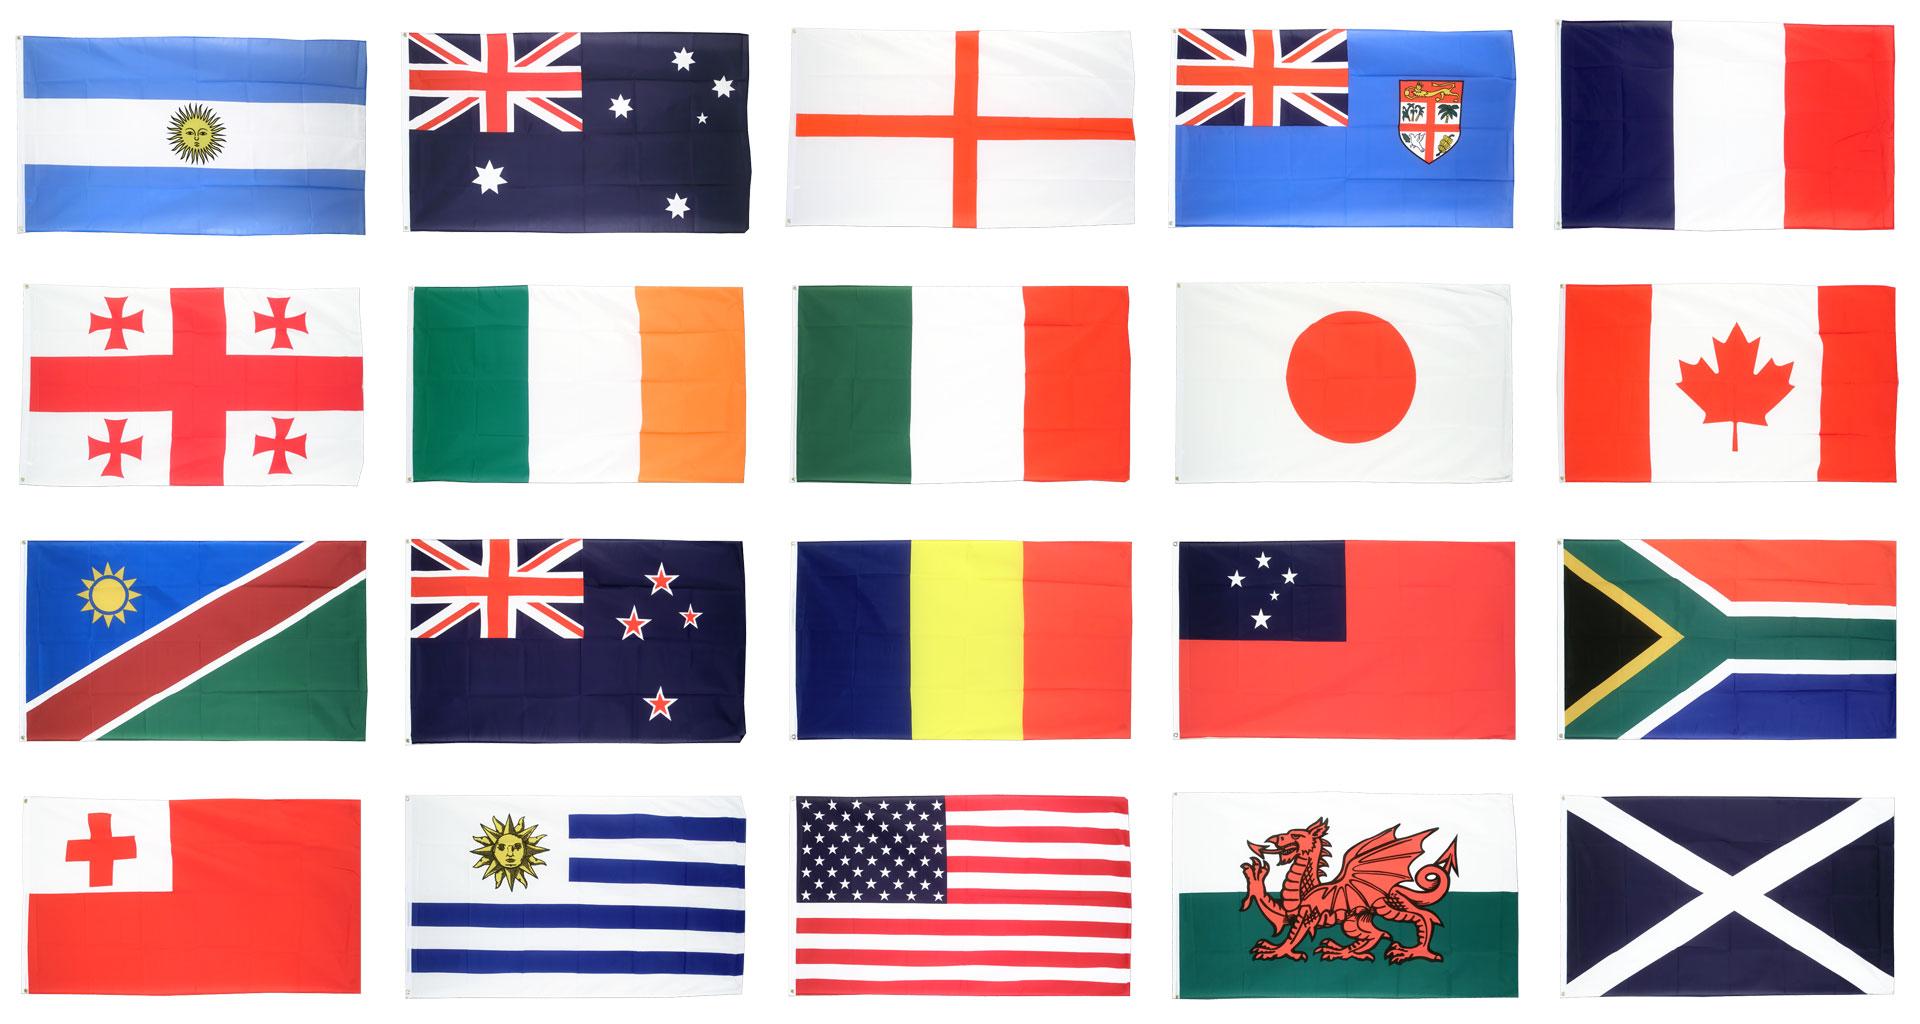 kit drapeaux coupe du monde de rugby 2015 20 pays 90 x. Black Bedroom Furniture Sets. Home Design Ideas